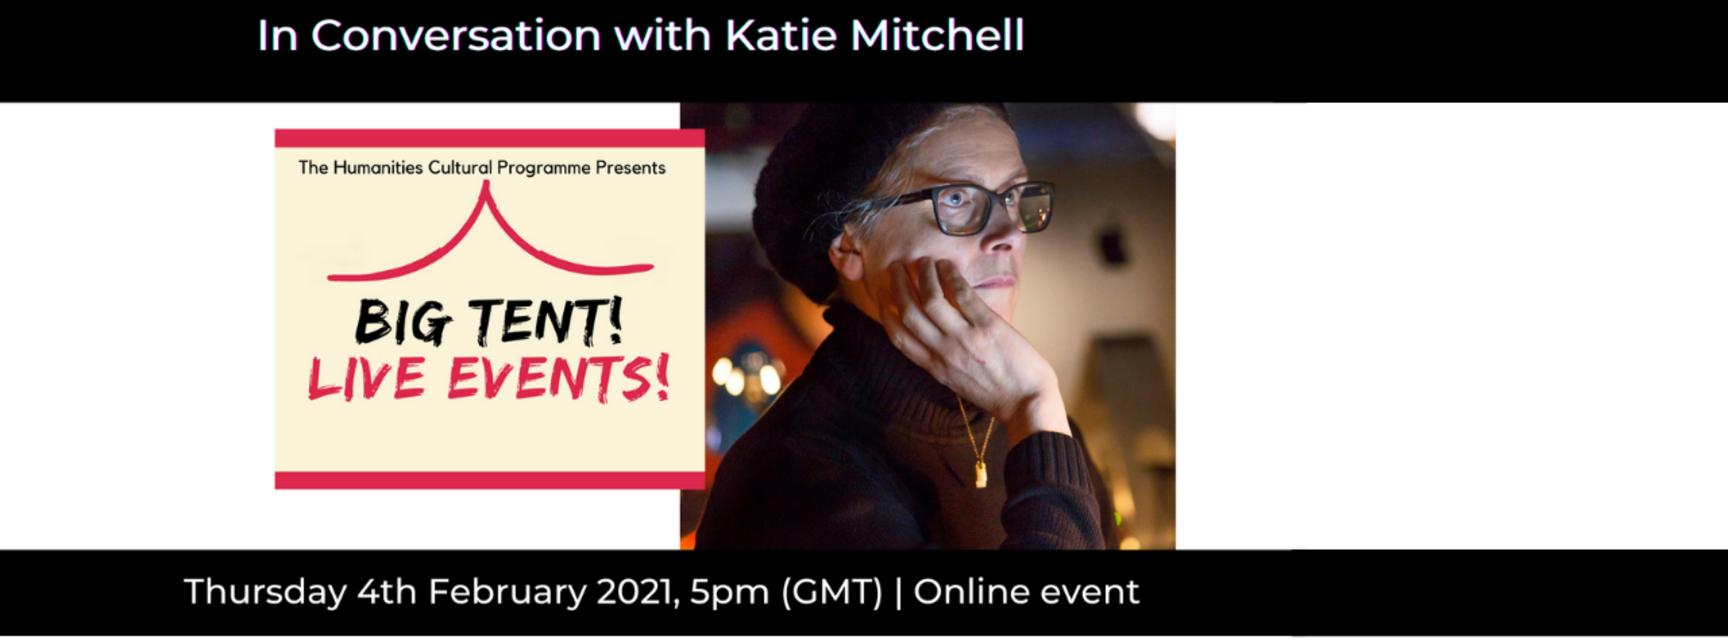 katie mitchell in conversation web carousel